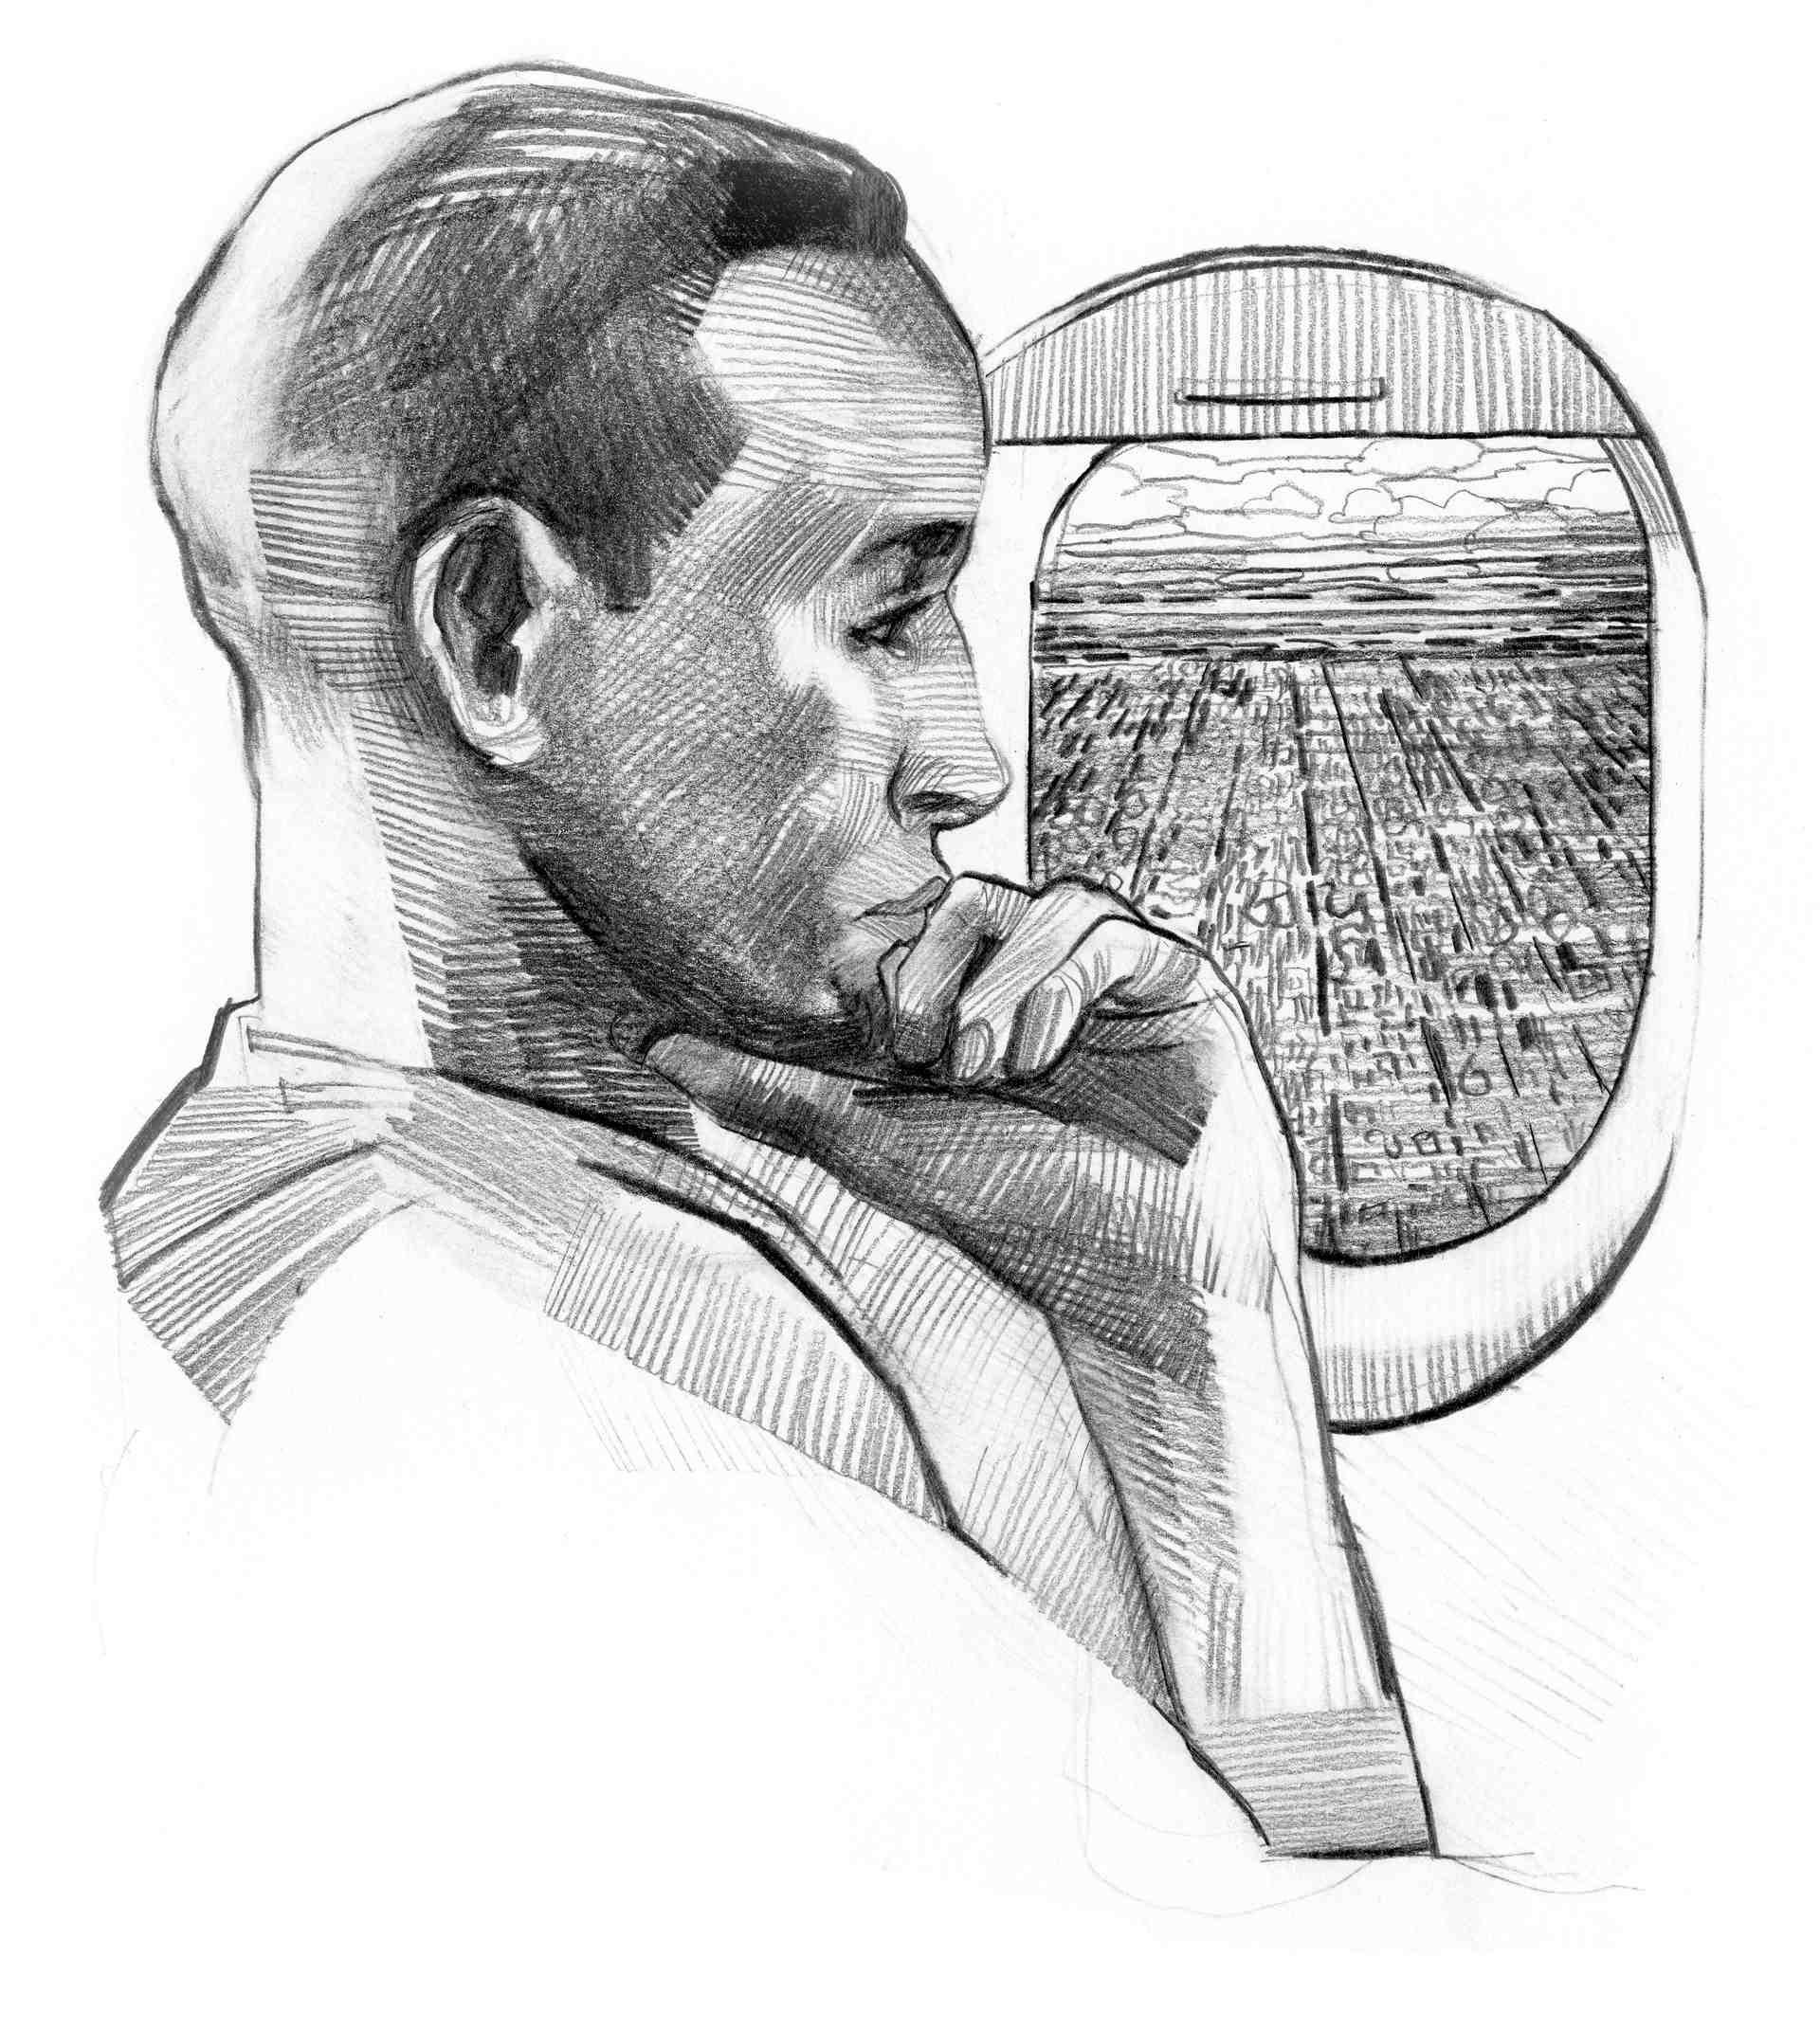 Illustrasjon av Omar på flyet. Omar sitter tankefull med hånden på haken, ved siden av et flyvindu med utsikt over en storby.